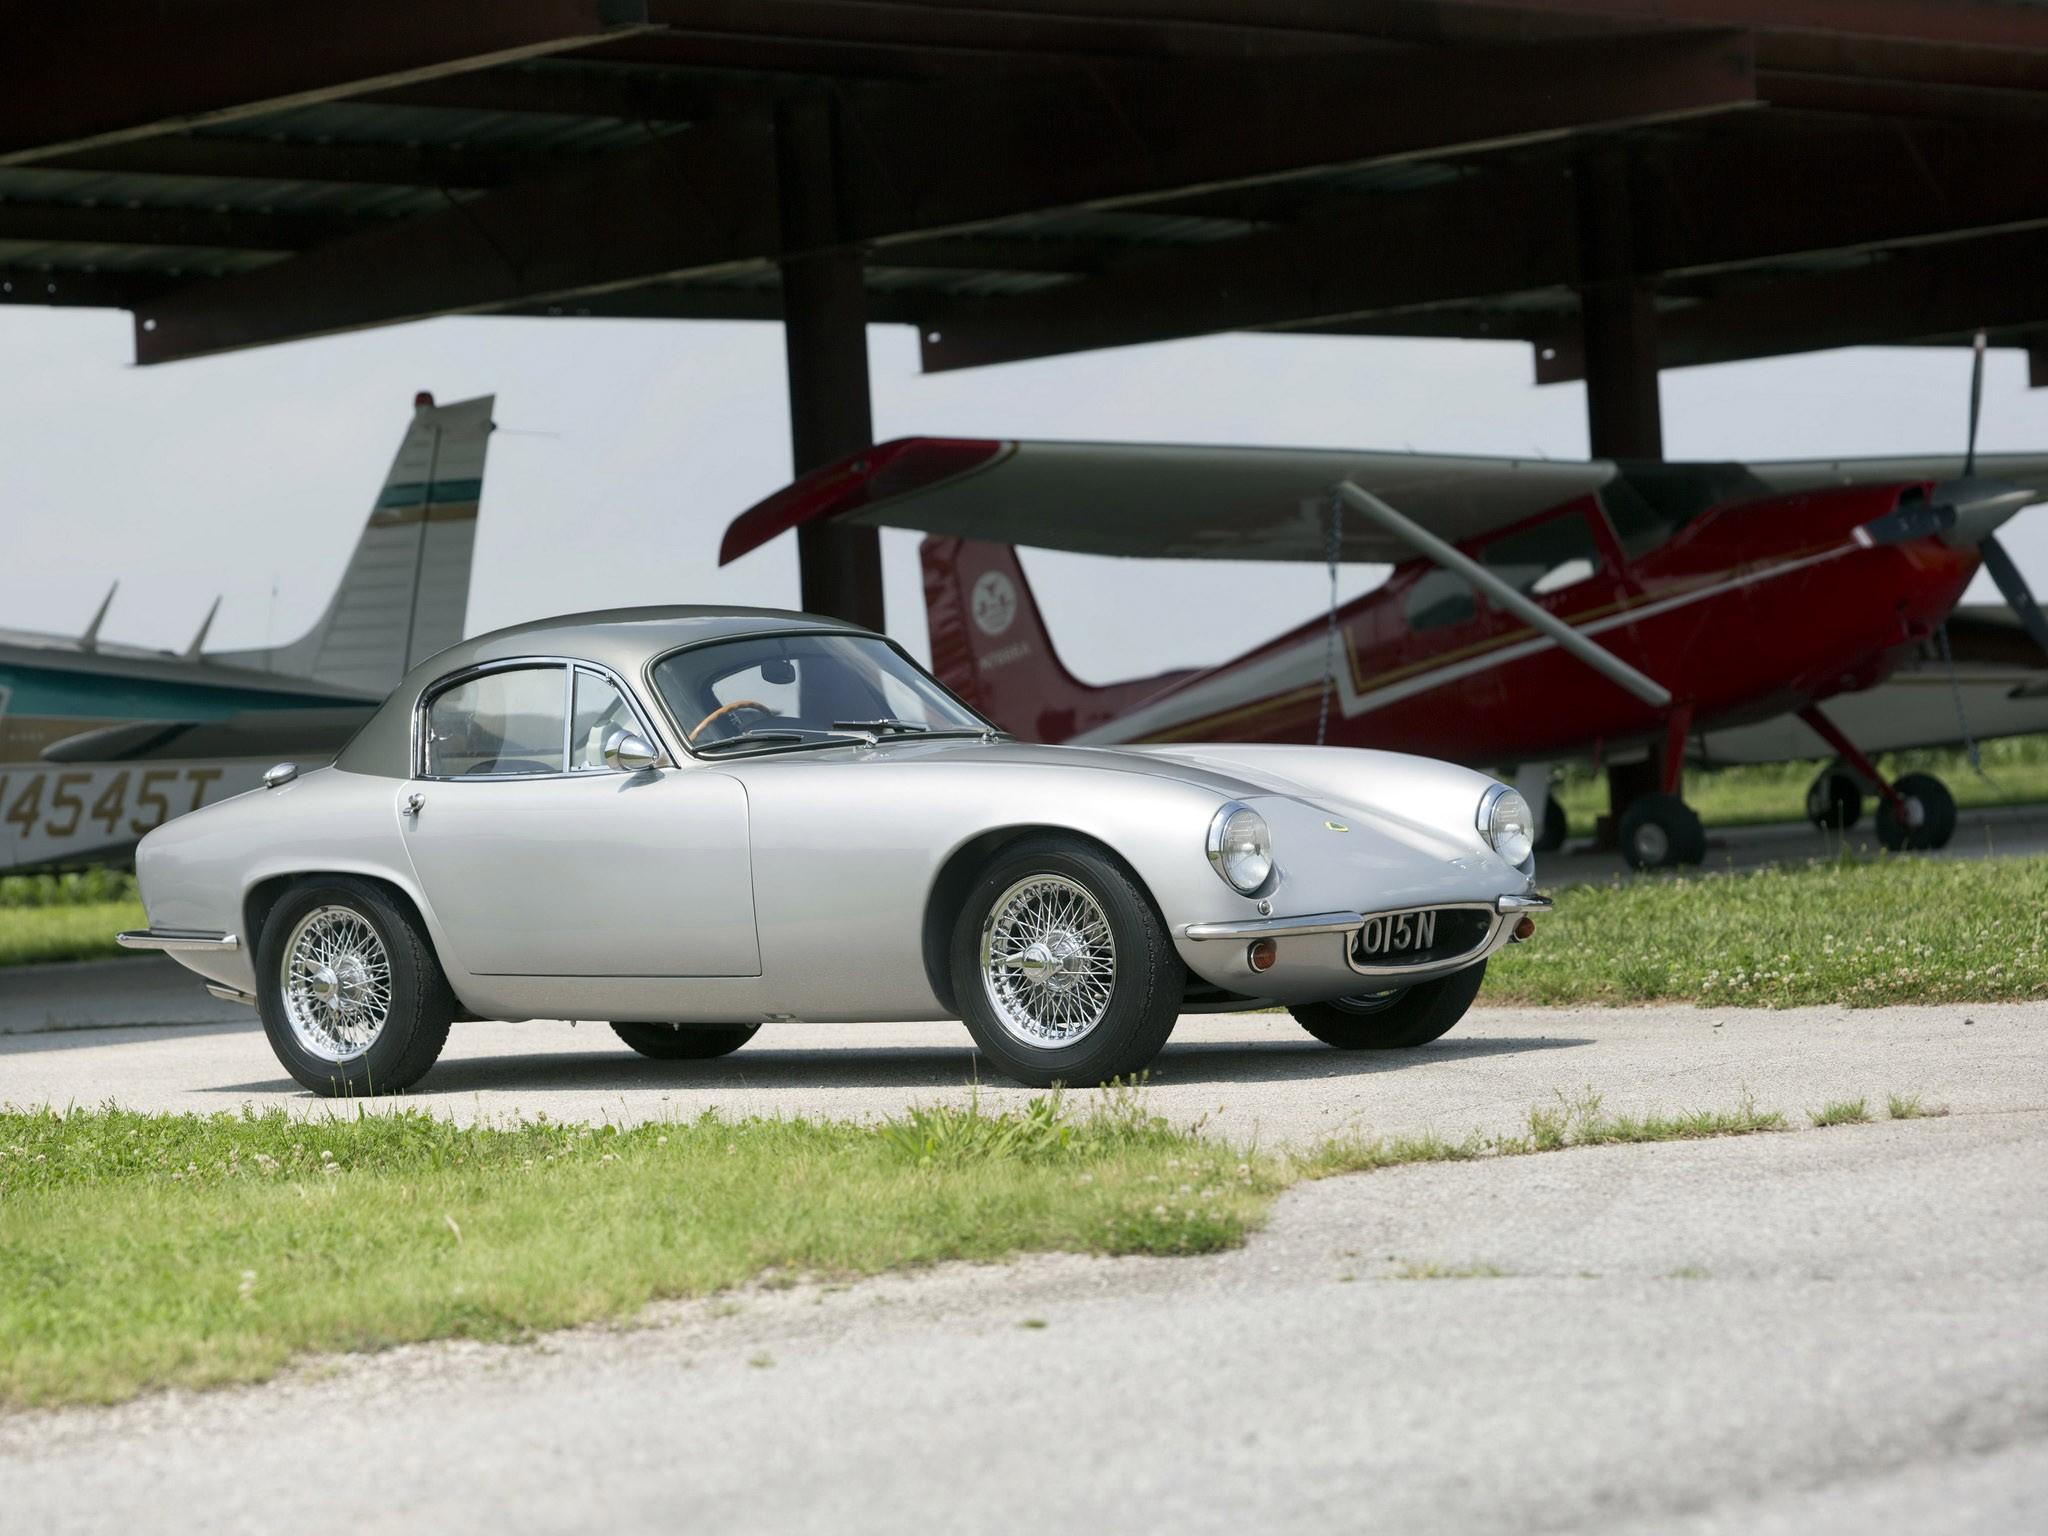 Lotus Elite S1 UK 1957 | Un corps aux courbes généreuses